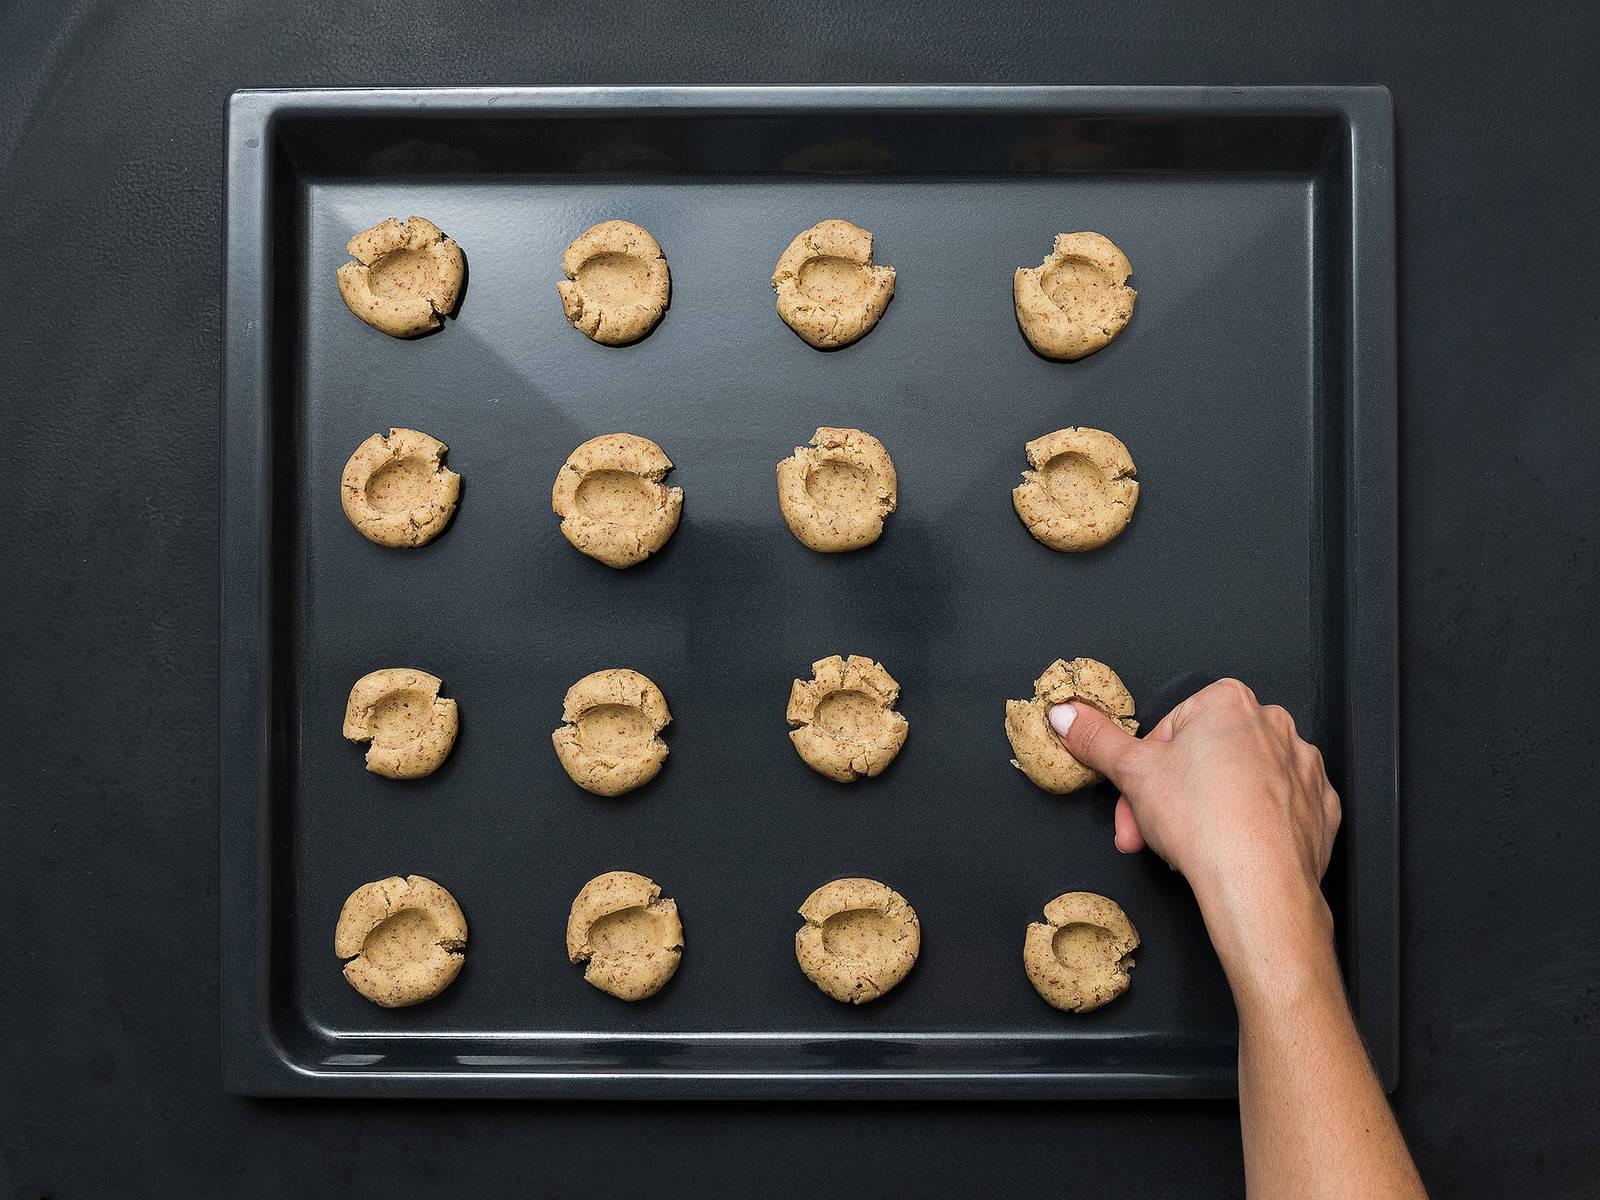 将面团分成多个核桃大小的小球,放到铺好烘焙纸的烤盘上。稍微压平面球,用料理勺底部或拇指,在每个曲奇顶部中间做出一个小漩涡花纹。